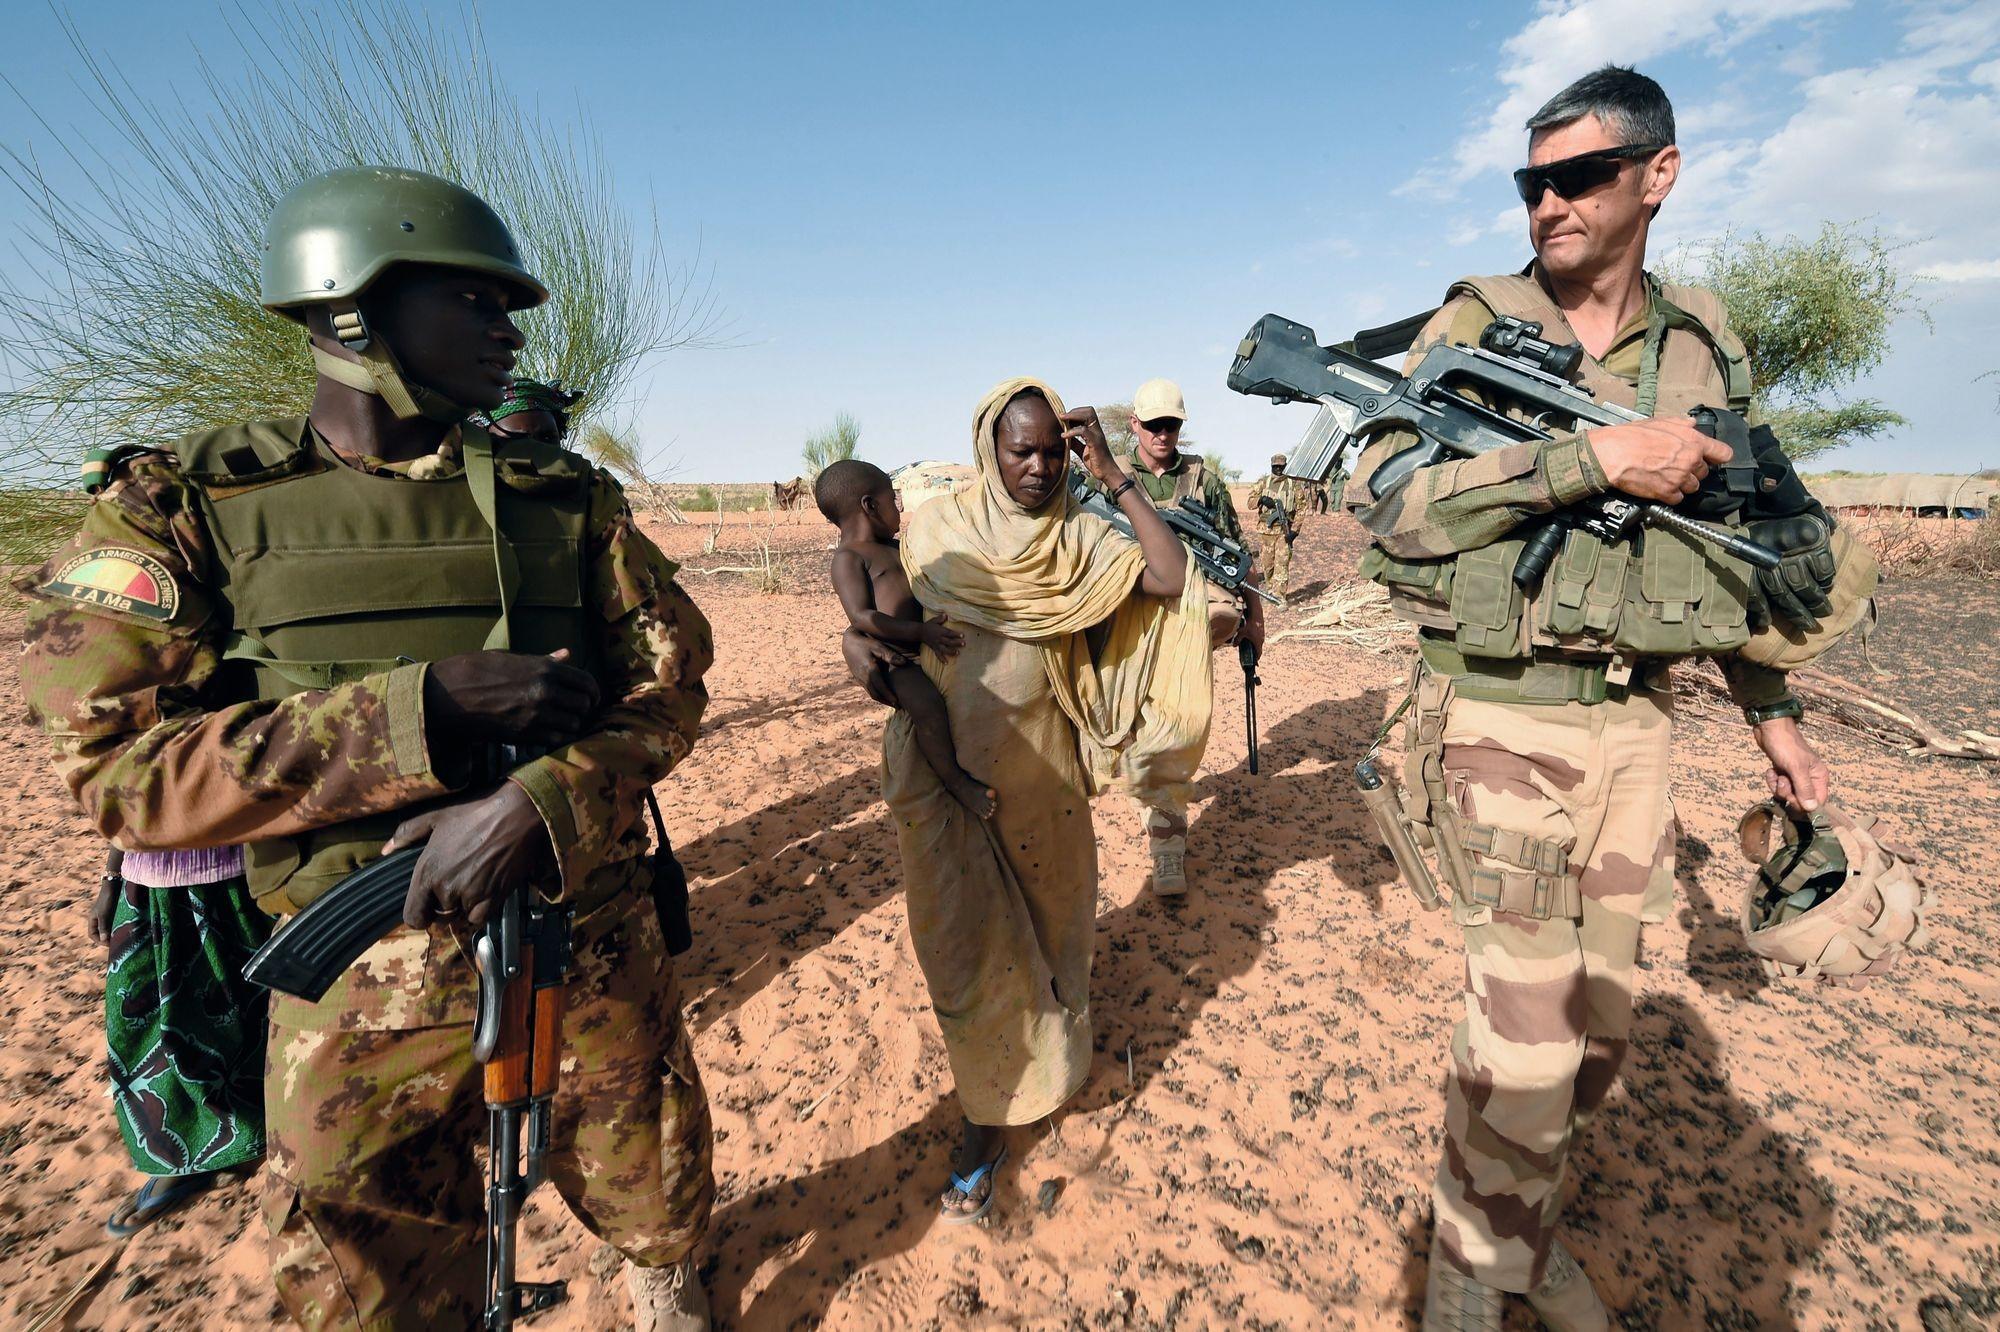 Des soldats français au Mali en décembre 2015, dans le cadre de l'opération Barkhane.